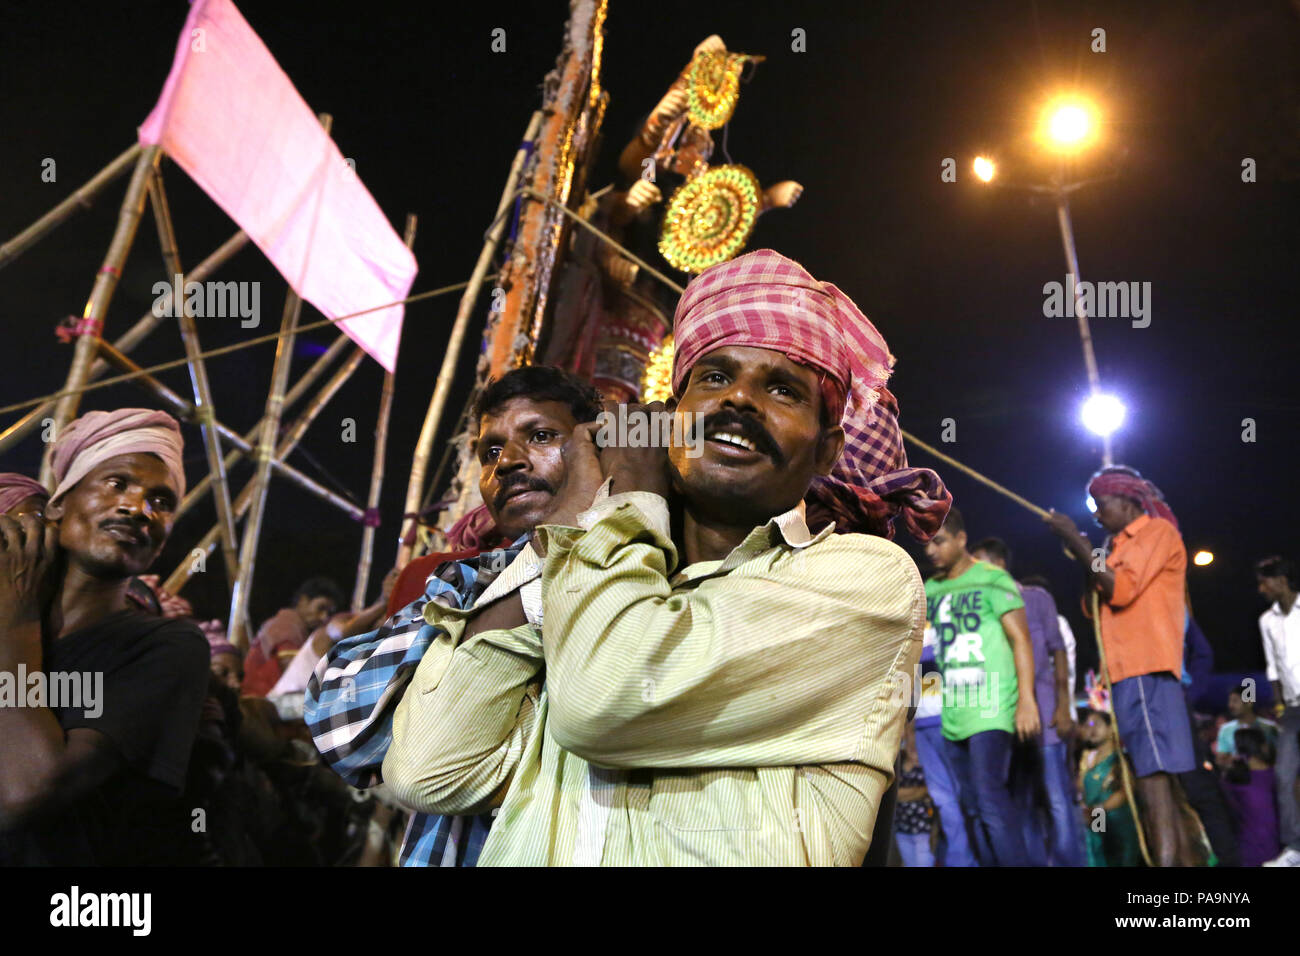 Gli uomini portano Durga statua (pandal) per immersione nel Fiume Hooghly durante la Durga puja celebrazione in Kolkata, India Foto Stock